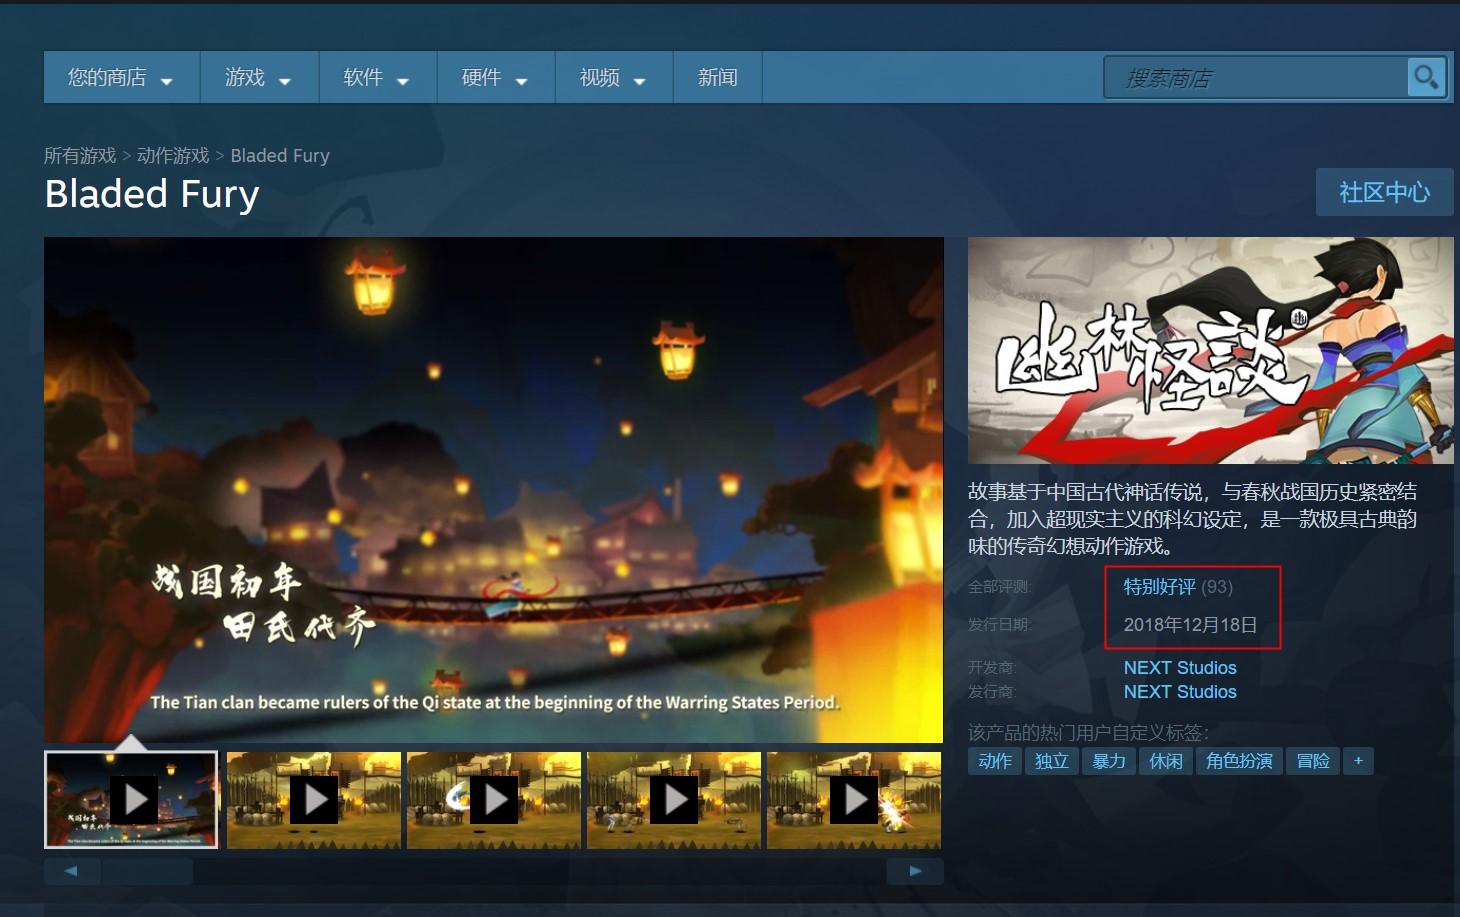 <b>腾讯旗下工作室新作《幽林怪谈》发售 Steam获特别好评</b>